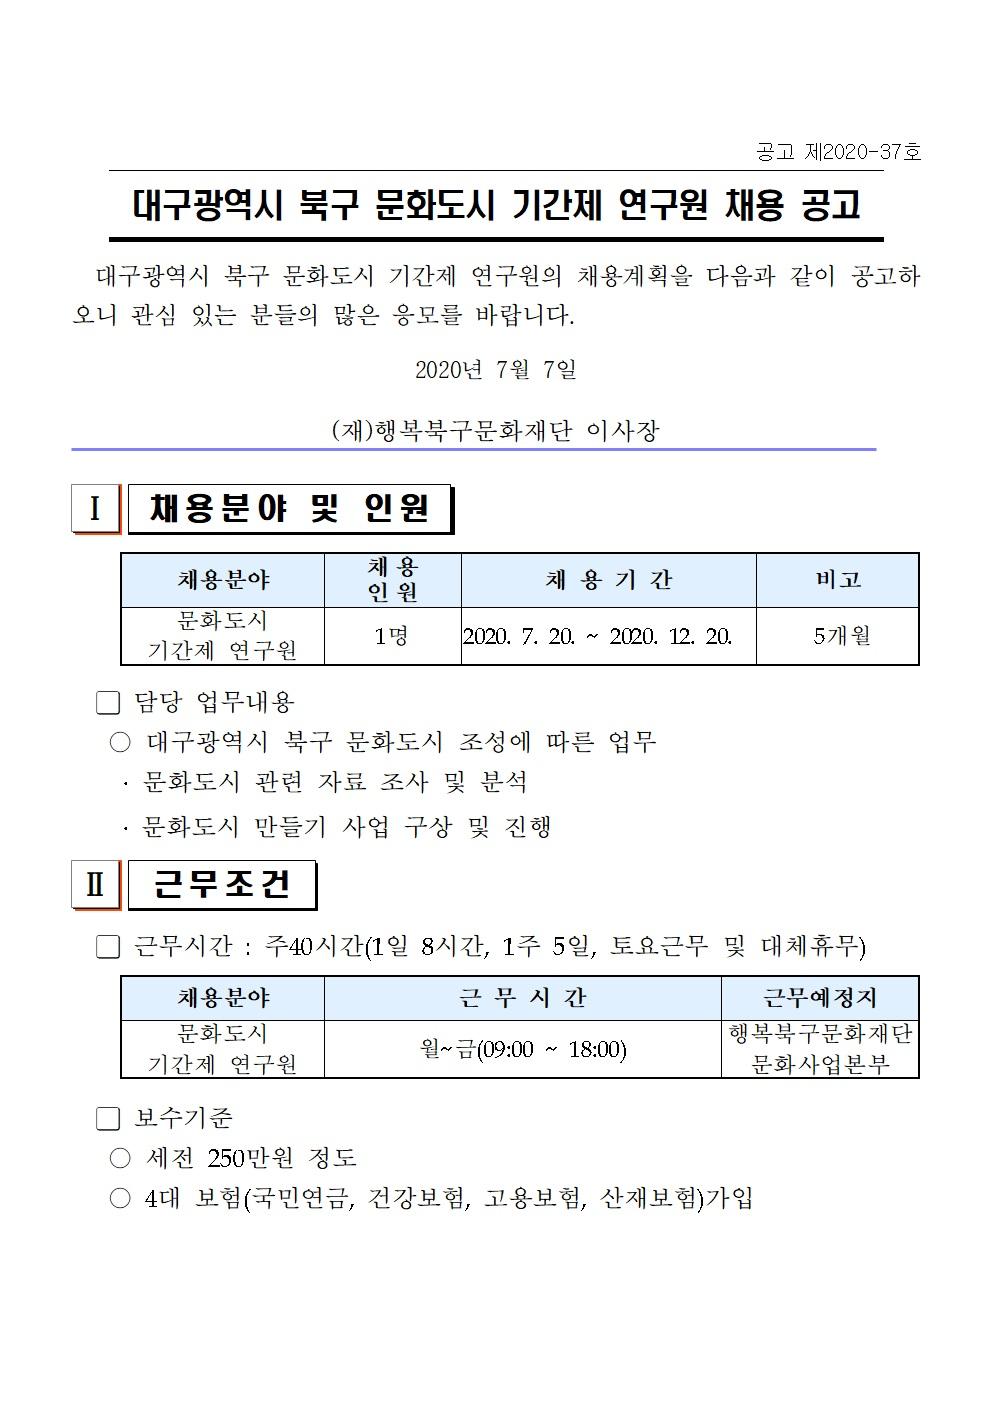 북구 문화도시 기간제 연구원 채용 계획 공고001.jpg